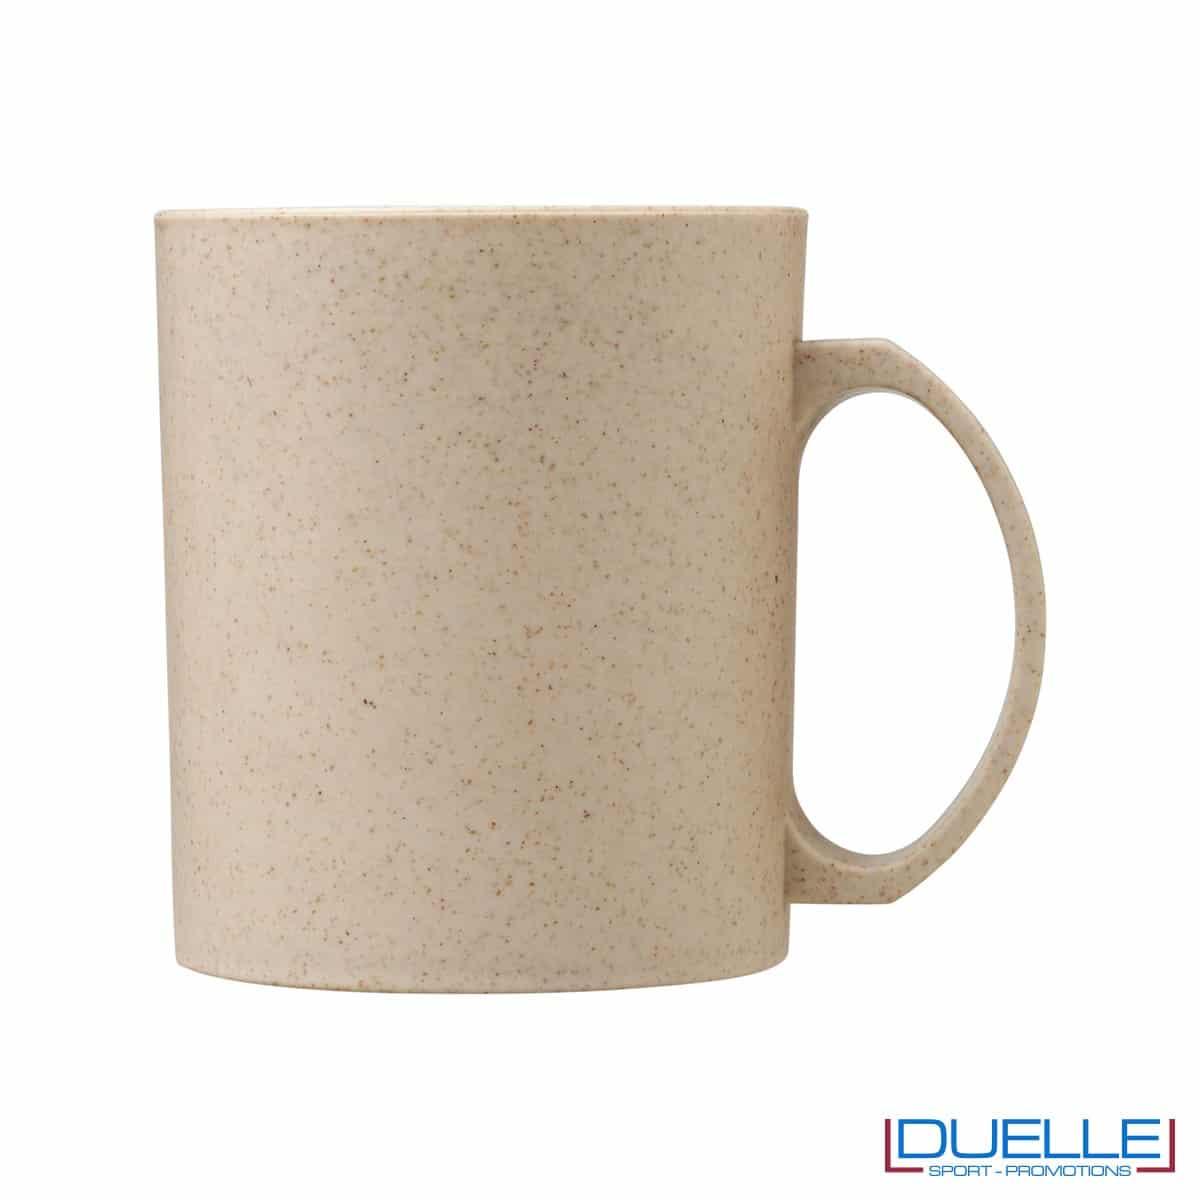 Mug in fibra di paglia di grano colore beige personalizzata con stampa